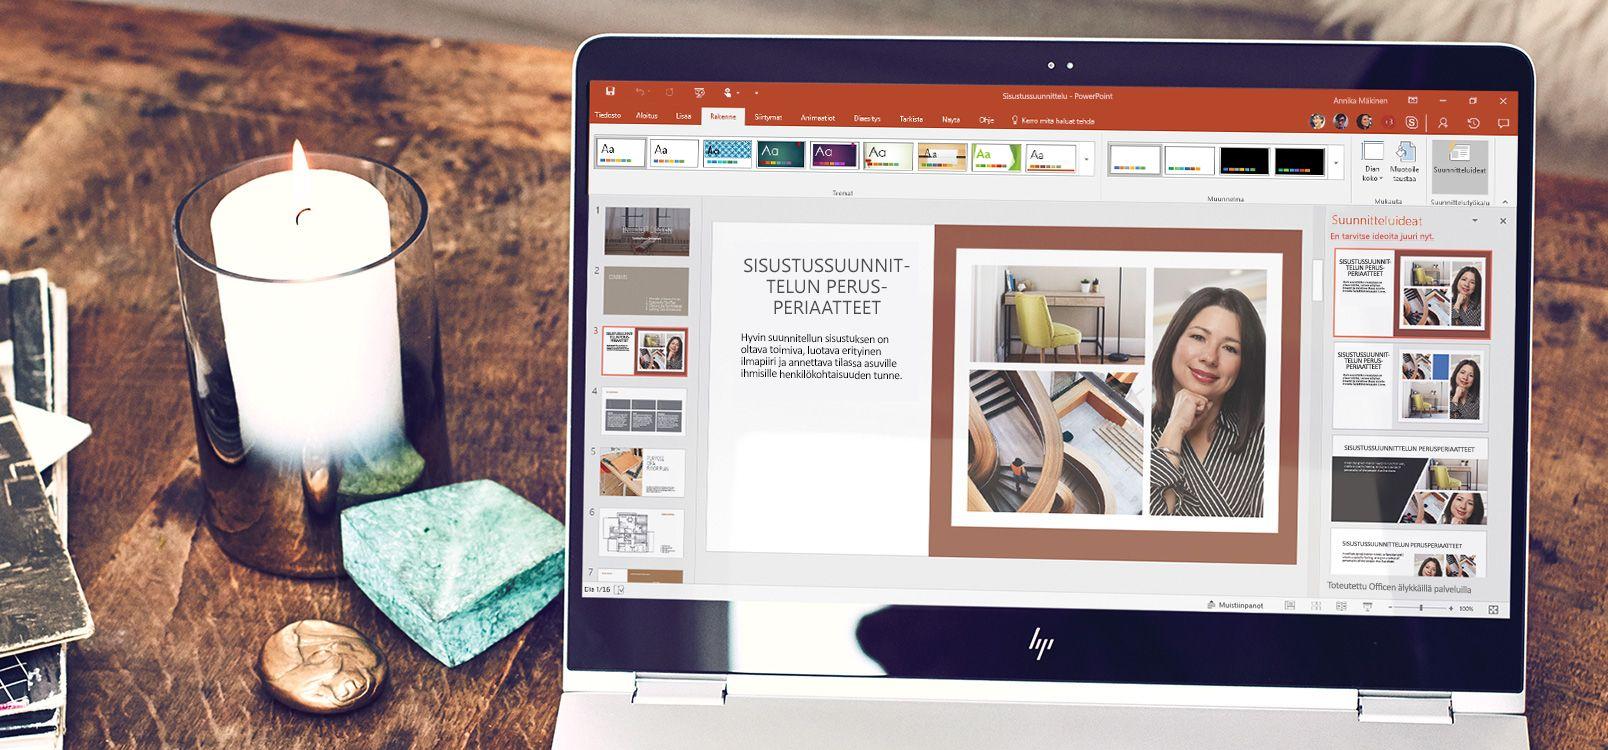 Kannettavan tietokoneen näyttö, jossa näkyy PowerPoint-tiedosto ja PowerPointin suunnittelutyökalu